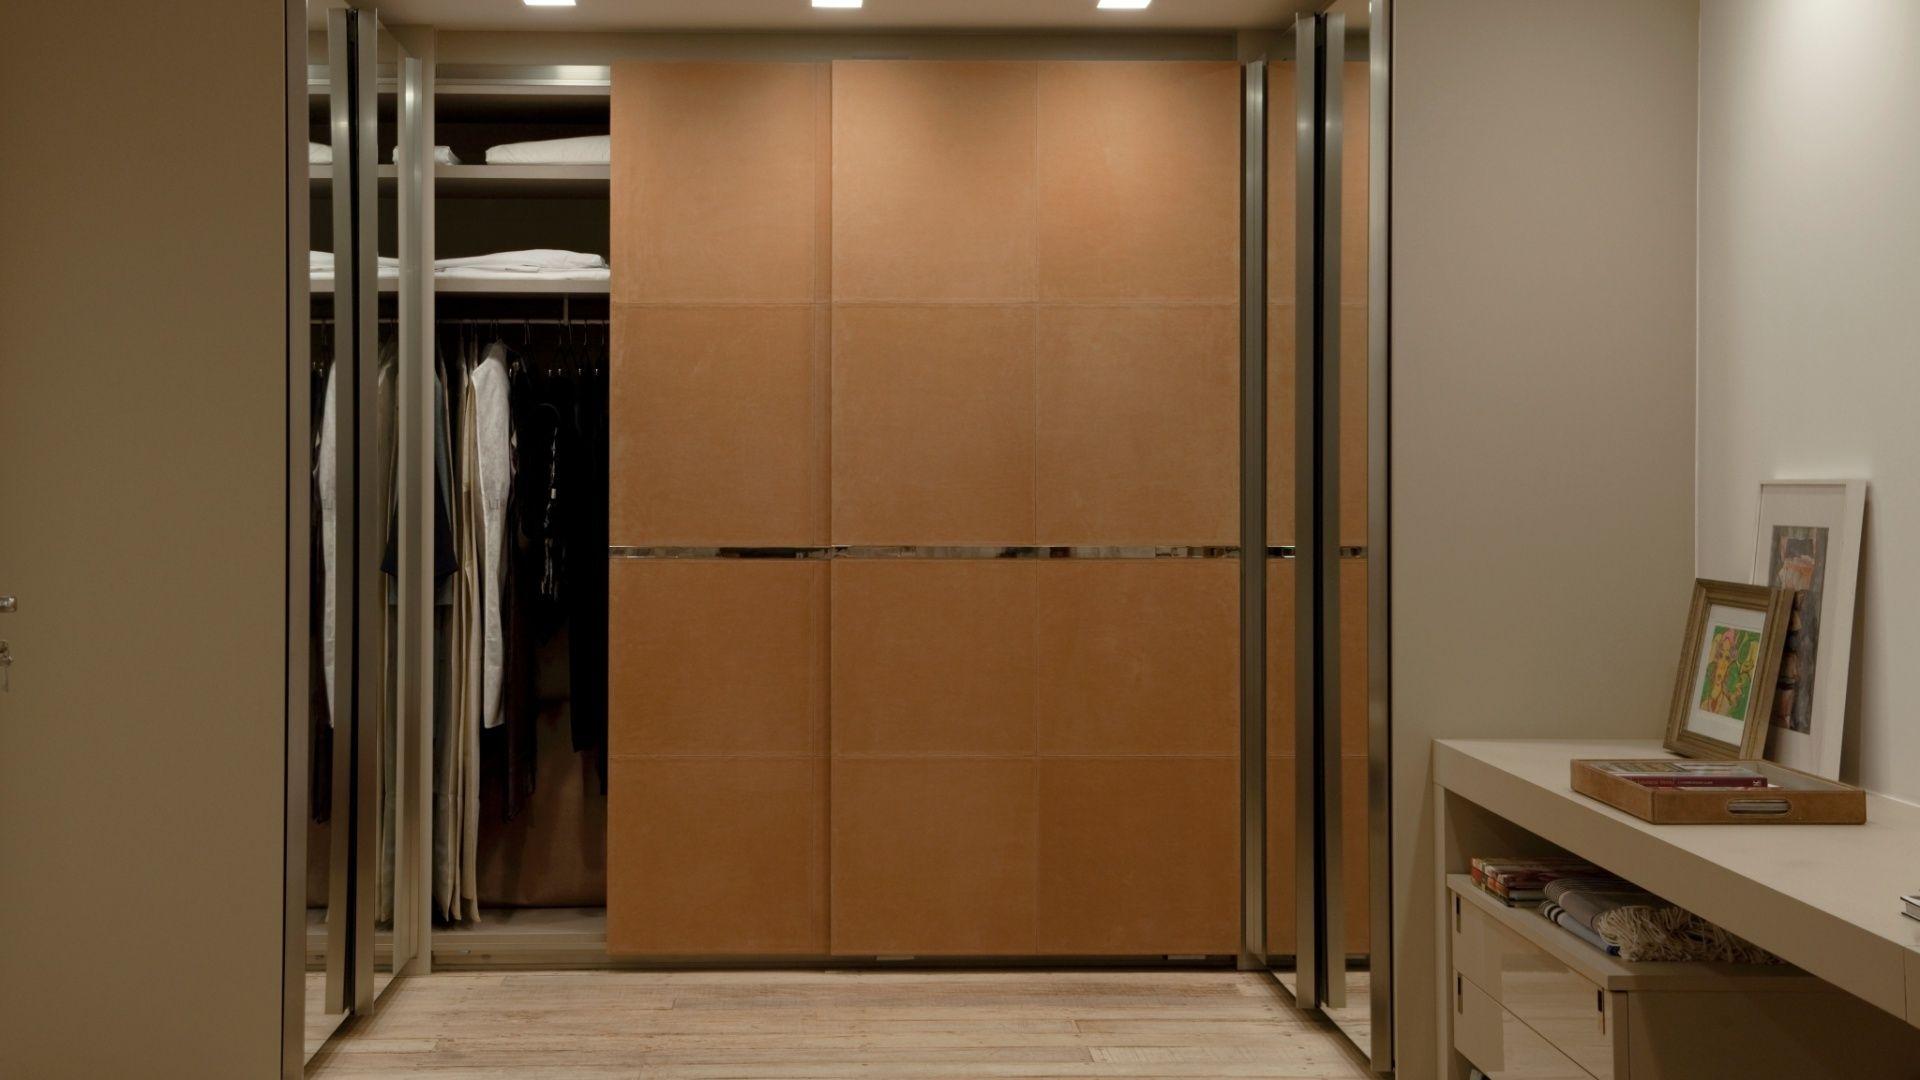 Eckschrank schlafzimmer ~ Eckschrank aus massivem zirbenholz hochwertige innenausstattung